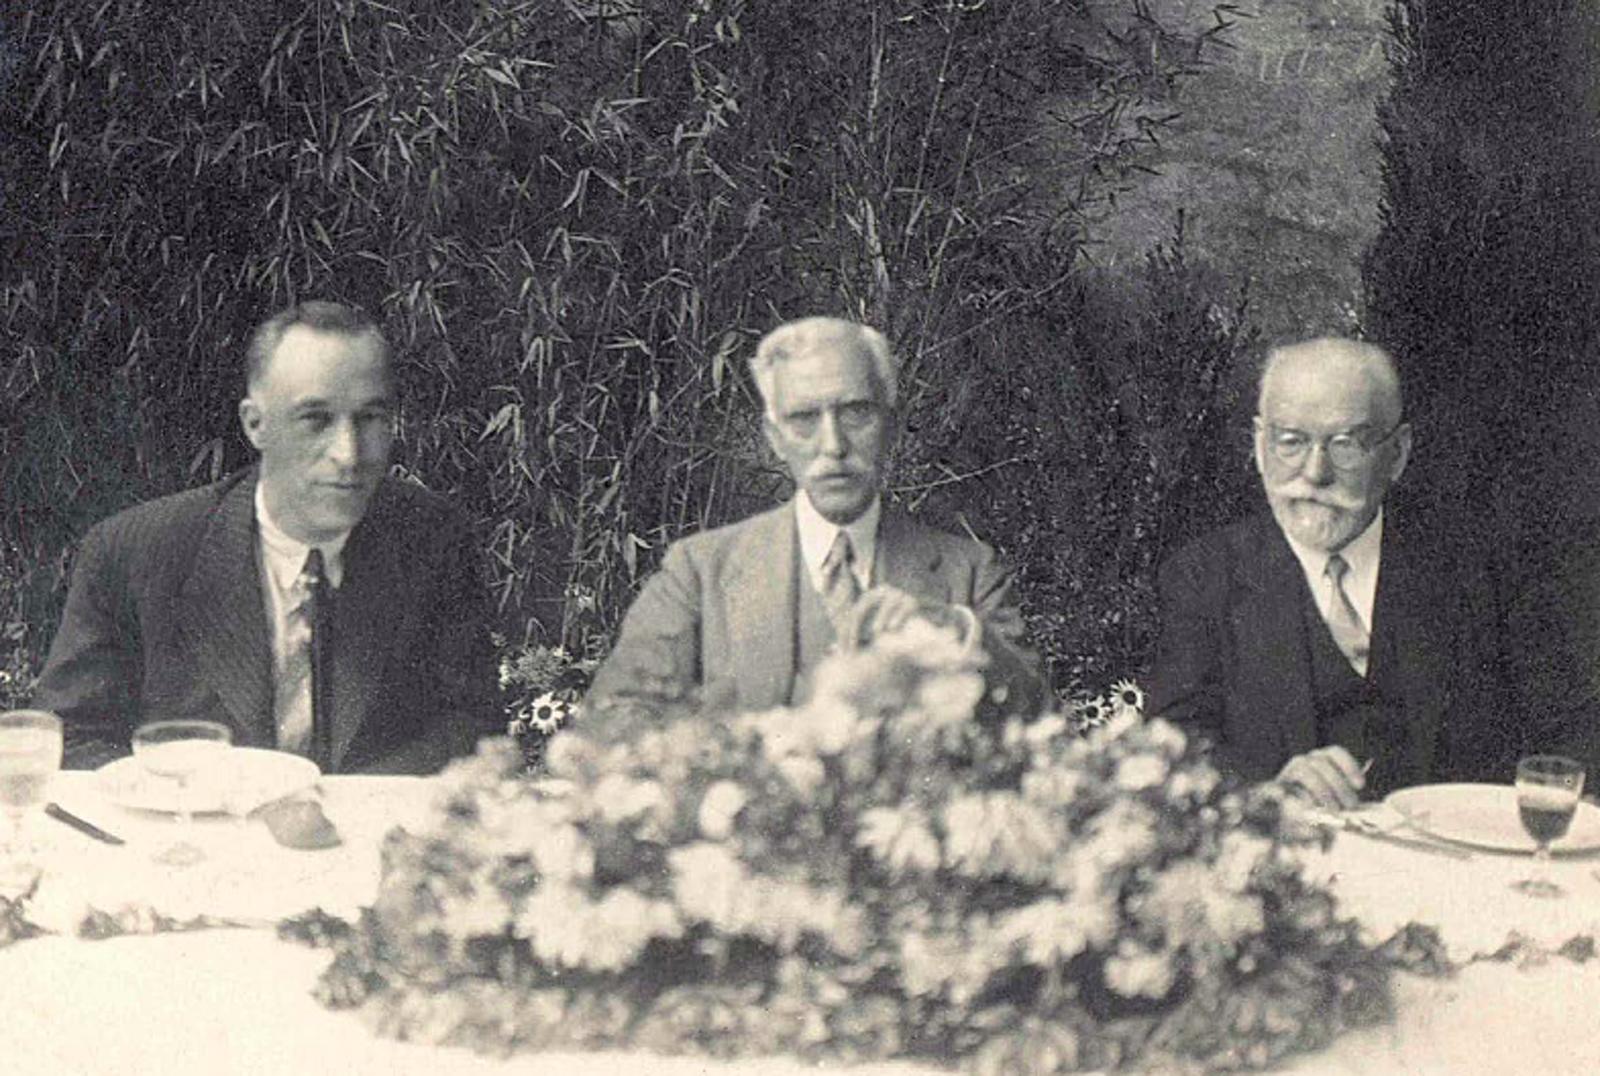 Juliol de 193, el president Francesc Macià entre l'alcalde de Terrassa Samuel Morera i el diputat Domènec Palet i Barba